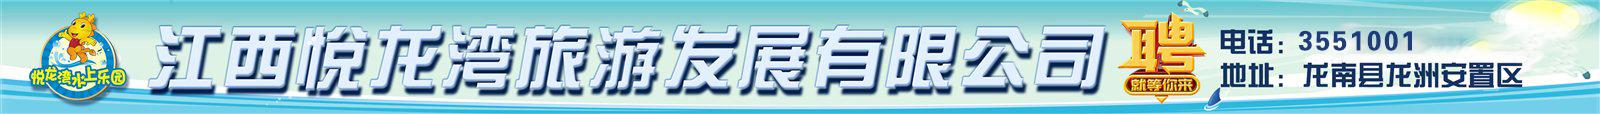 江西悅龍灣旅游發展有限公司